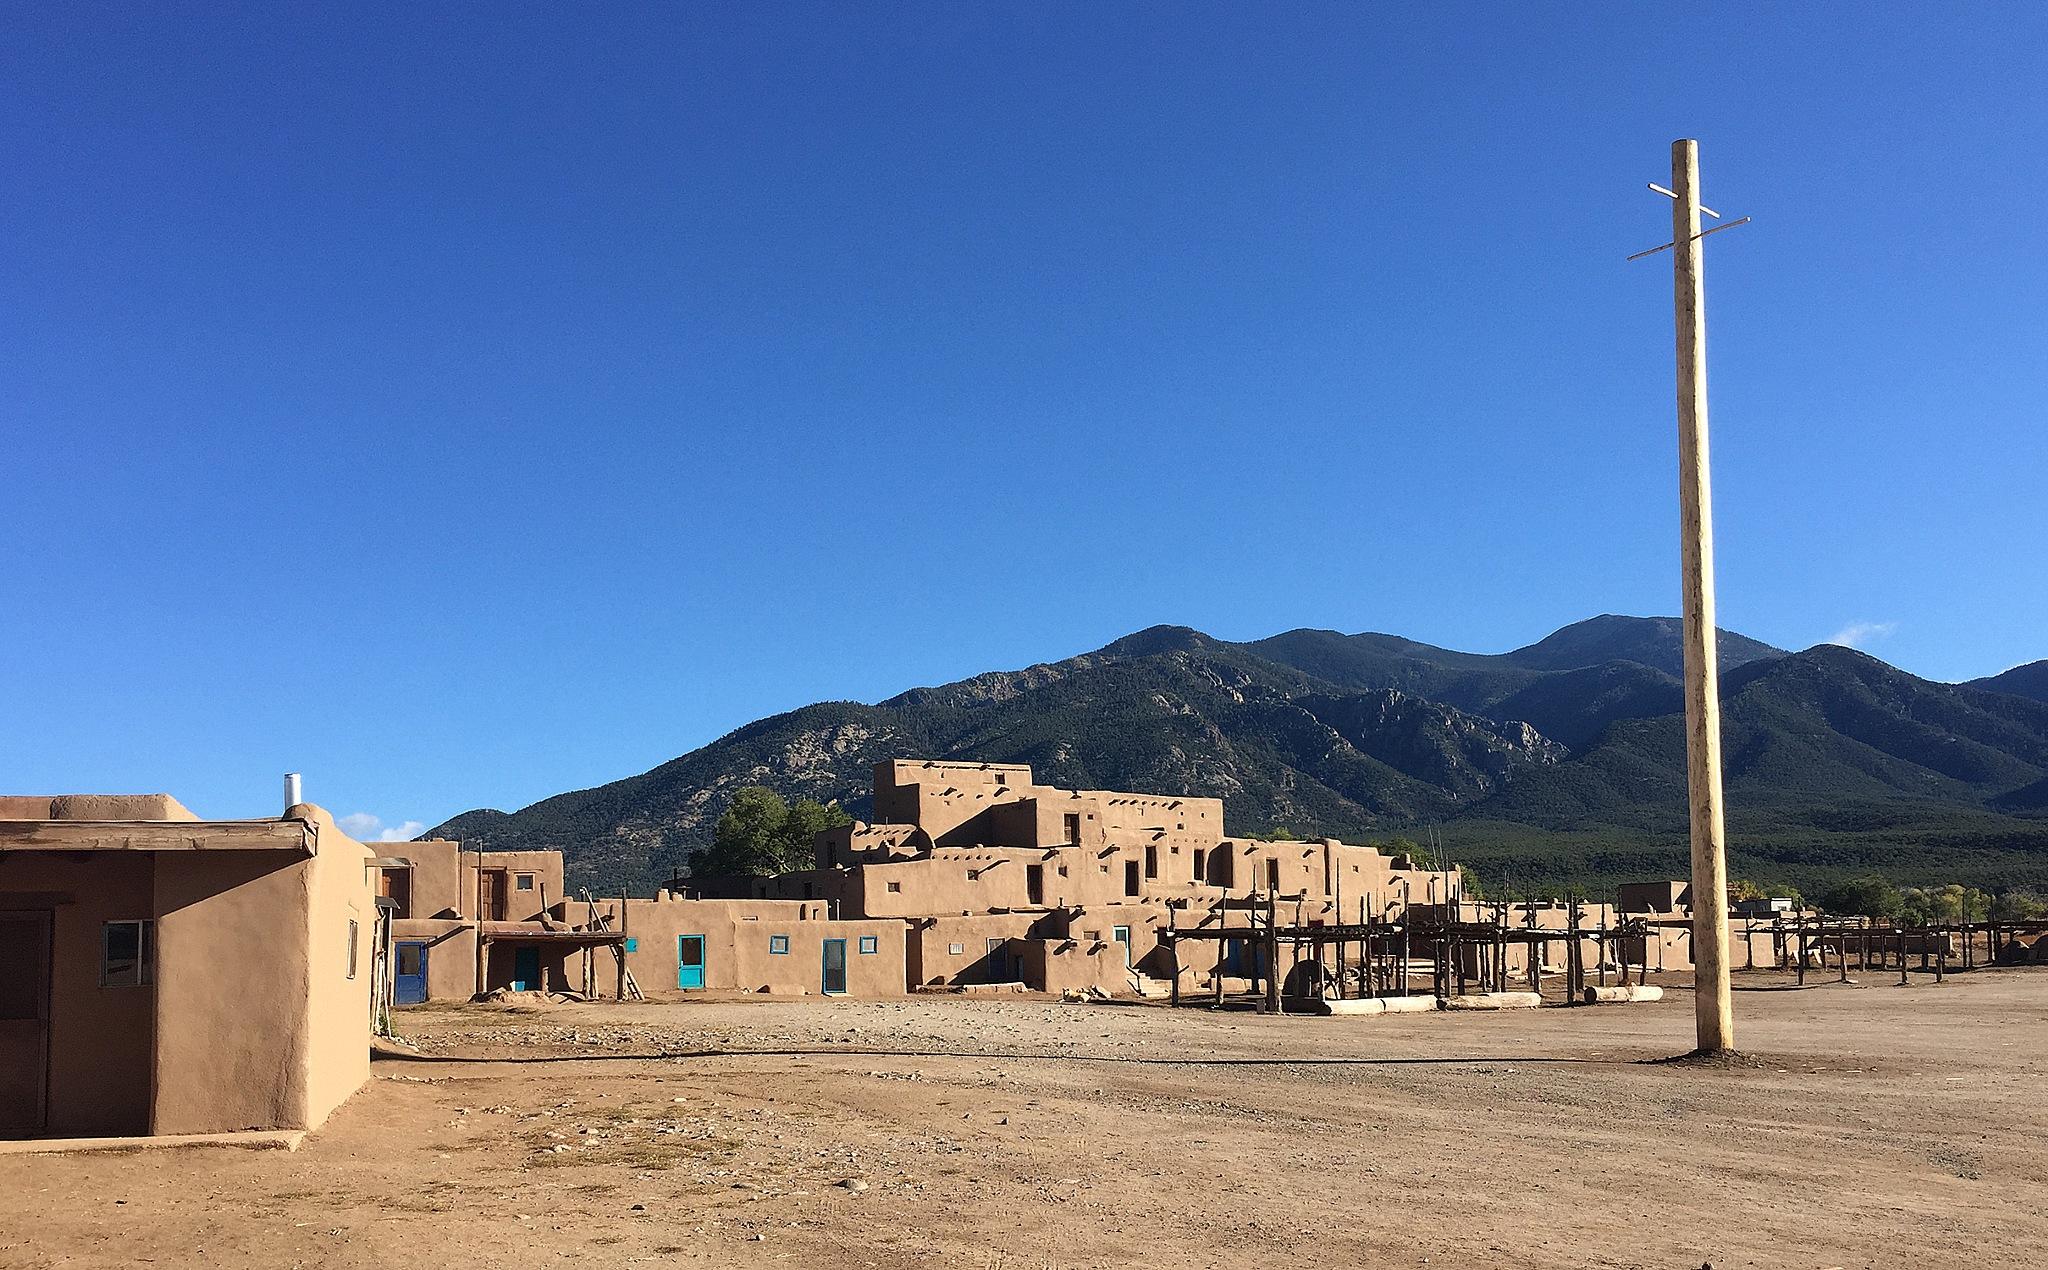 Taos Pueblo - North House by Carl Main